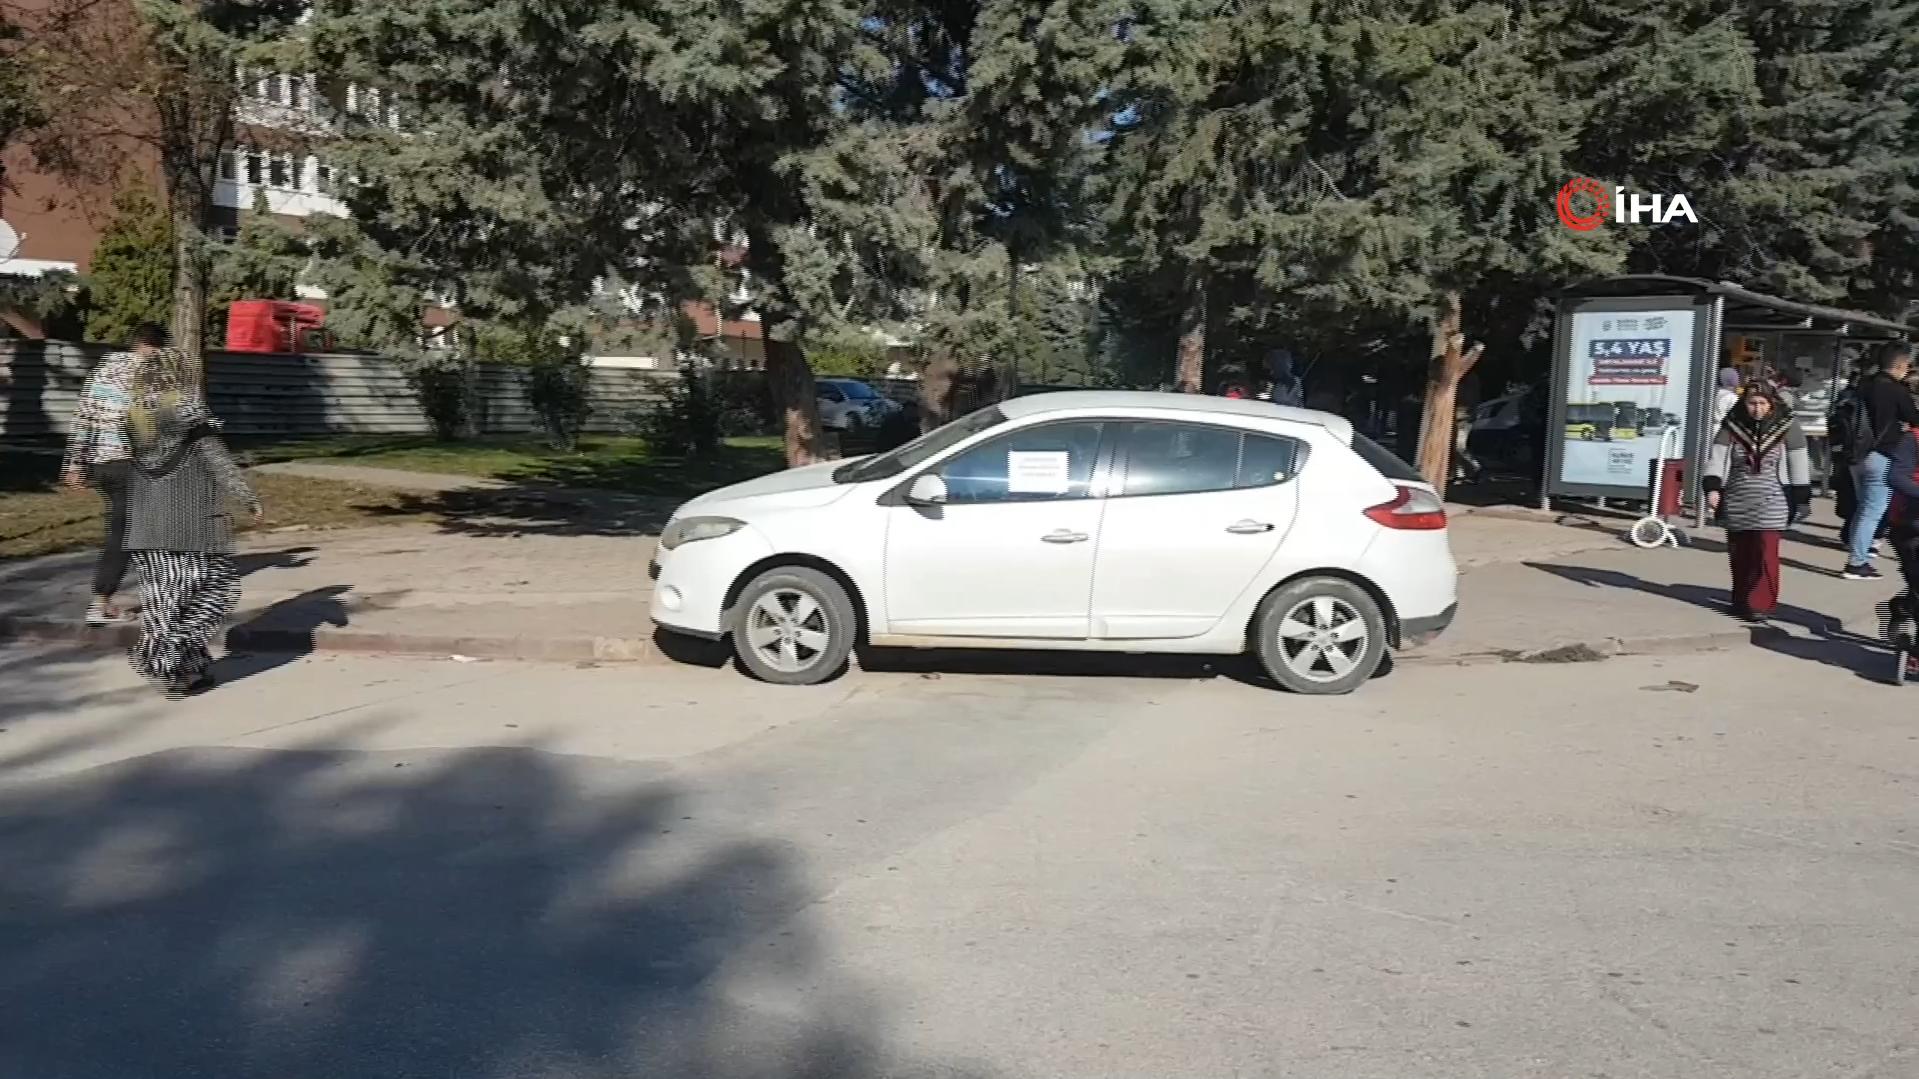 Hatalı park eden aracın camına asılan yazı görenleri şoke etti